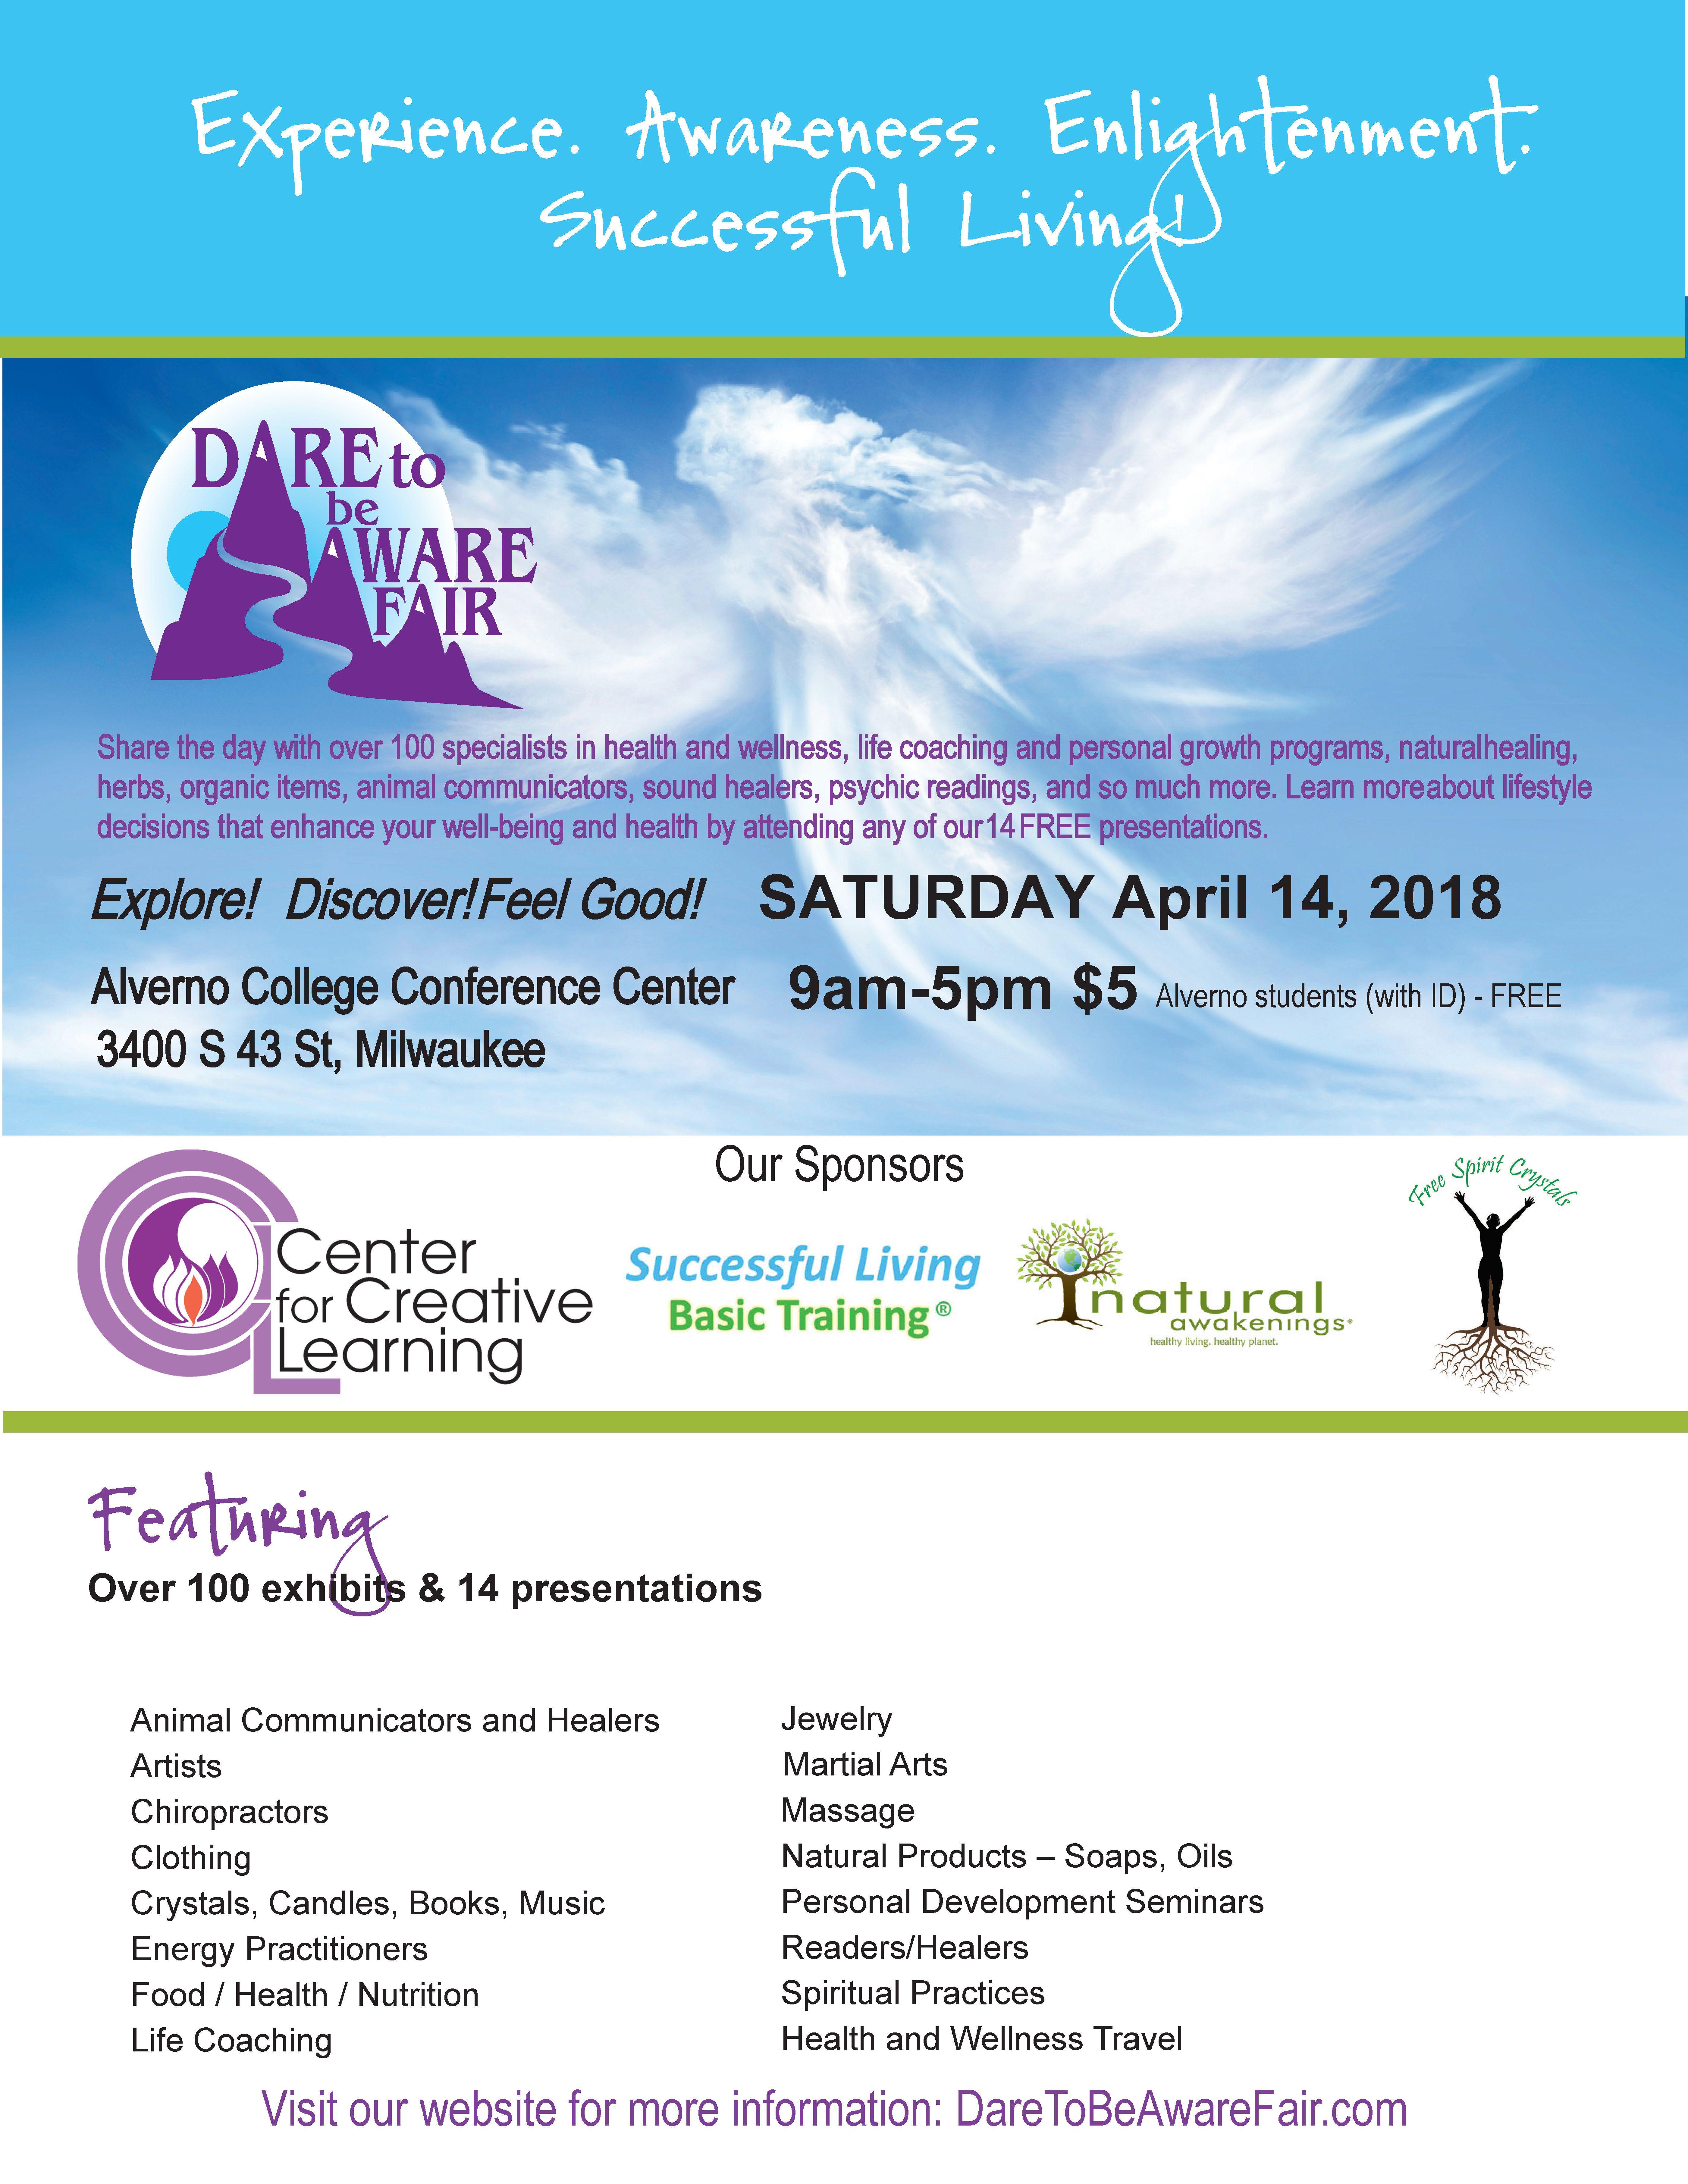 11th Annual Dare to be Aware Fair April 14, 2018